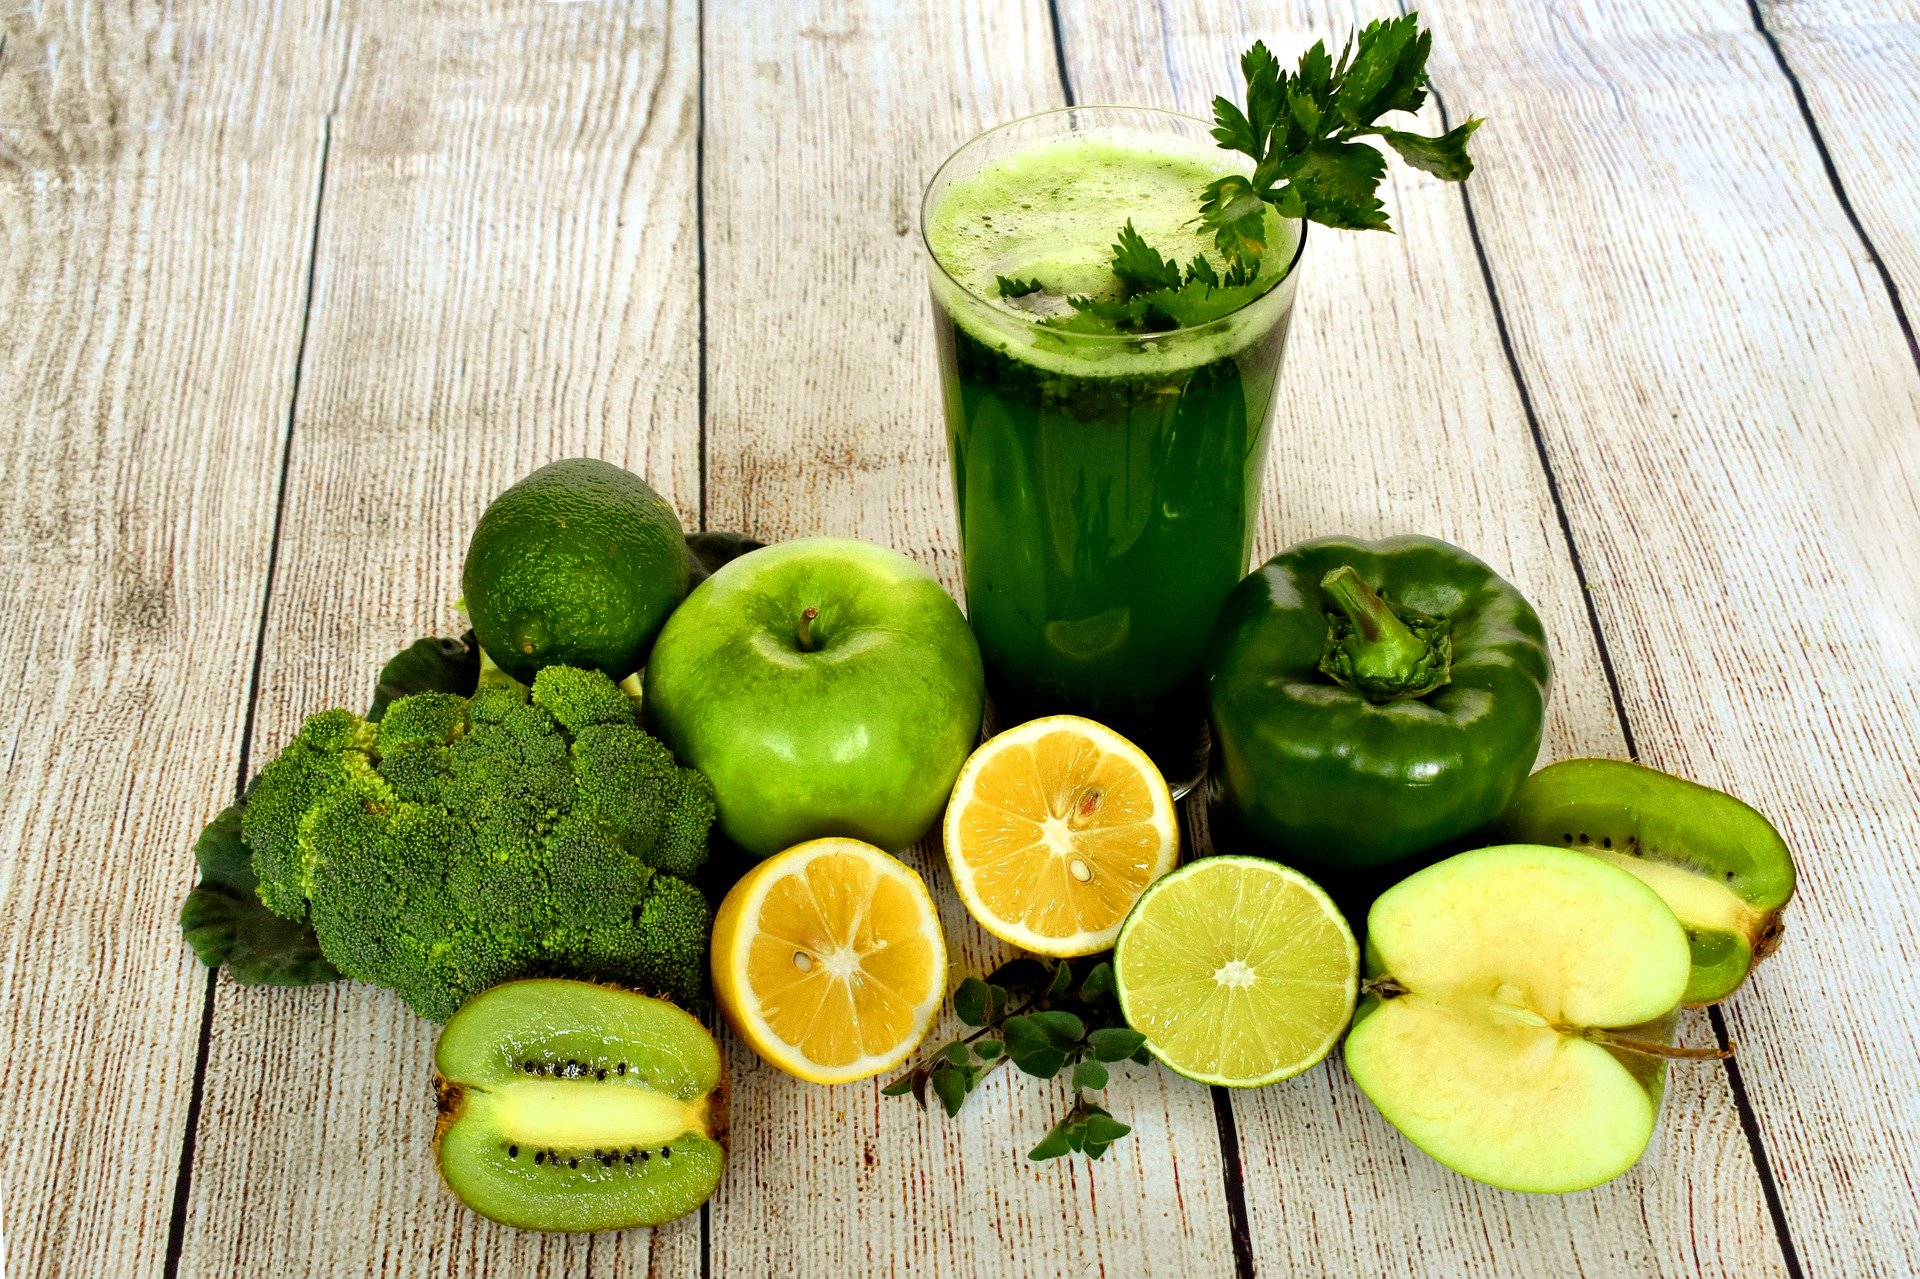 Wspomaganie płodności poprzez dostarczane witaminy